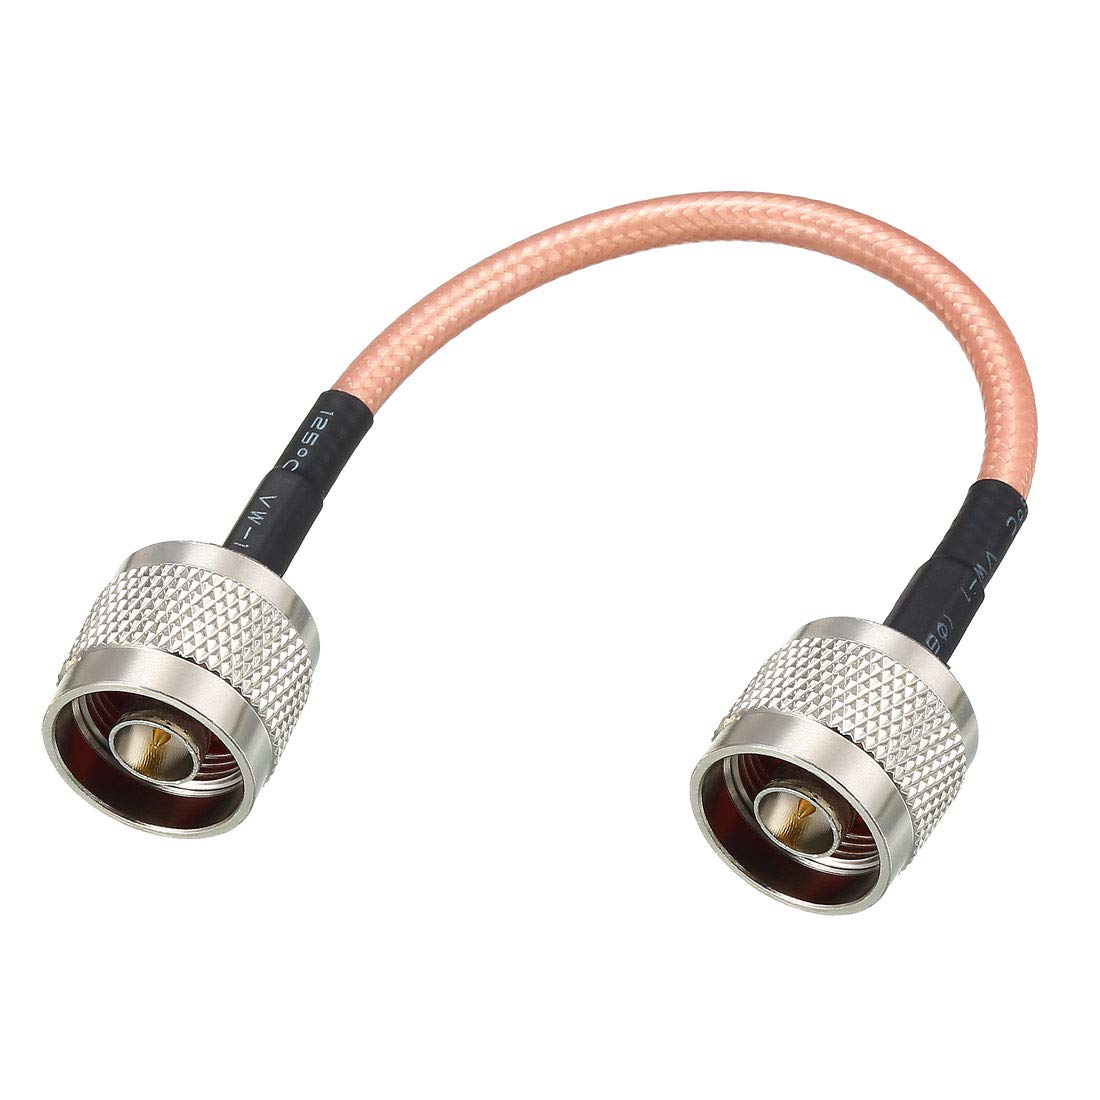 6 feet RG142 N Male to N Female Bulkhead RF Coaxial Cable